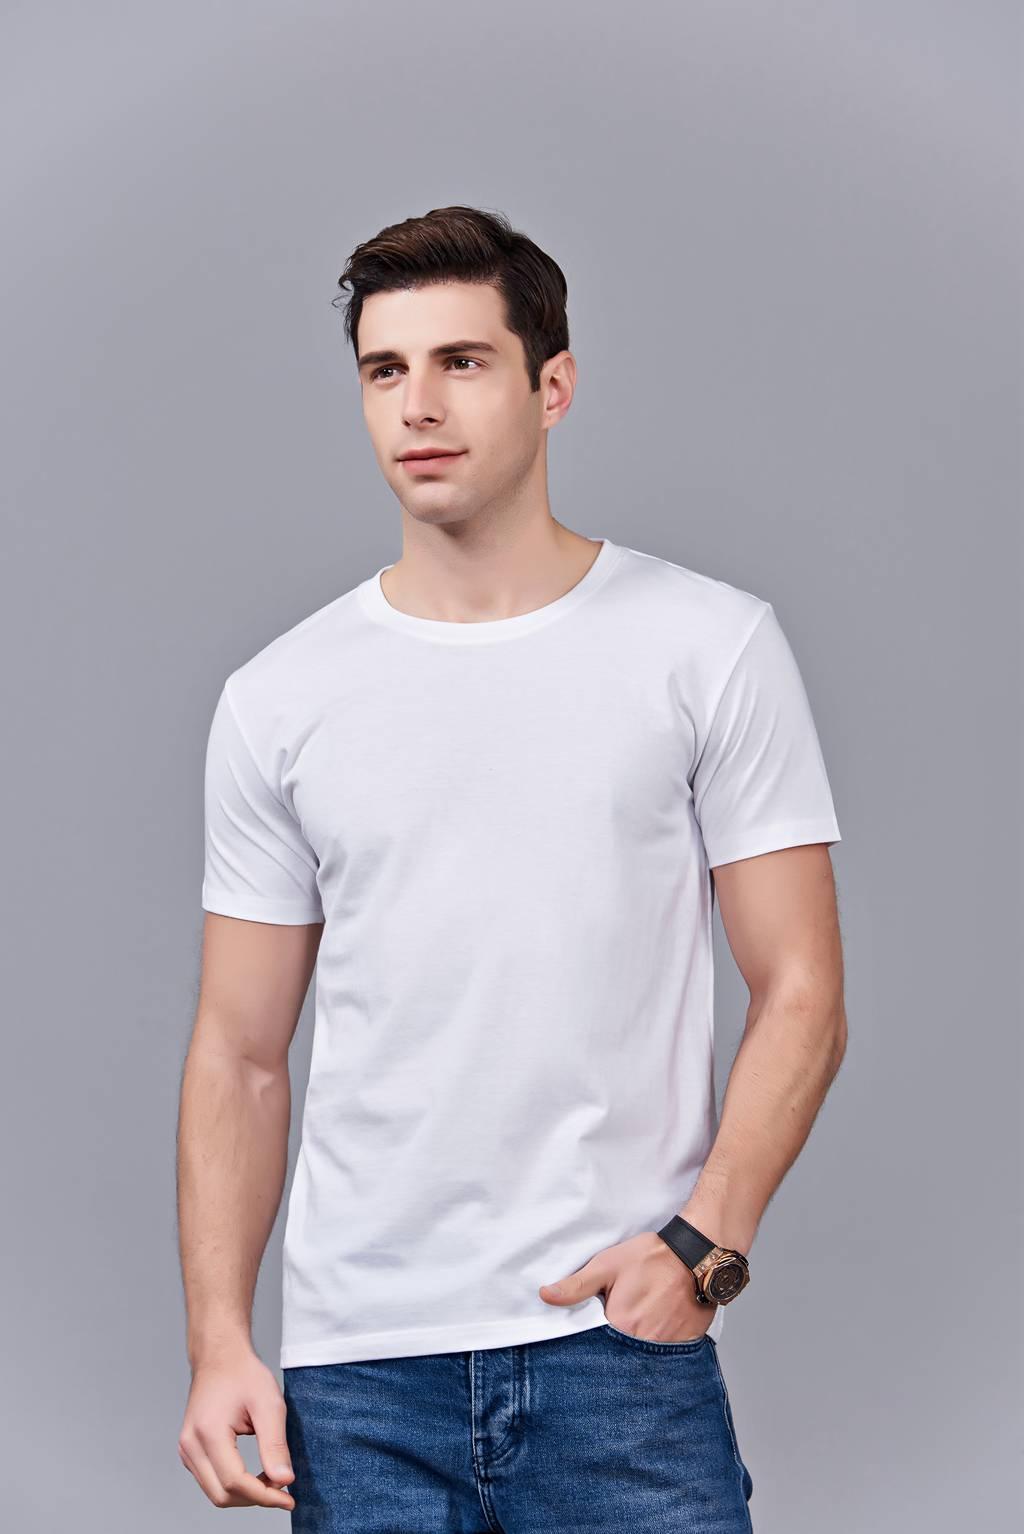 时尚新潮短袖上衣 白色 情侣款亲子款休闲T恤订制